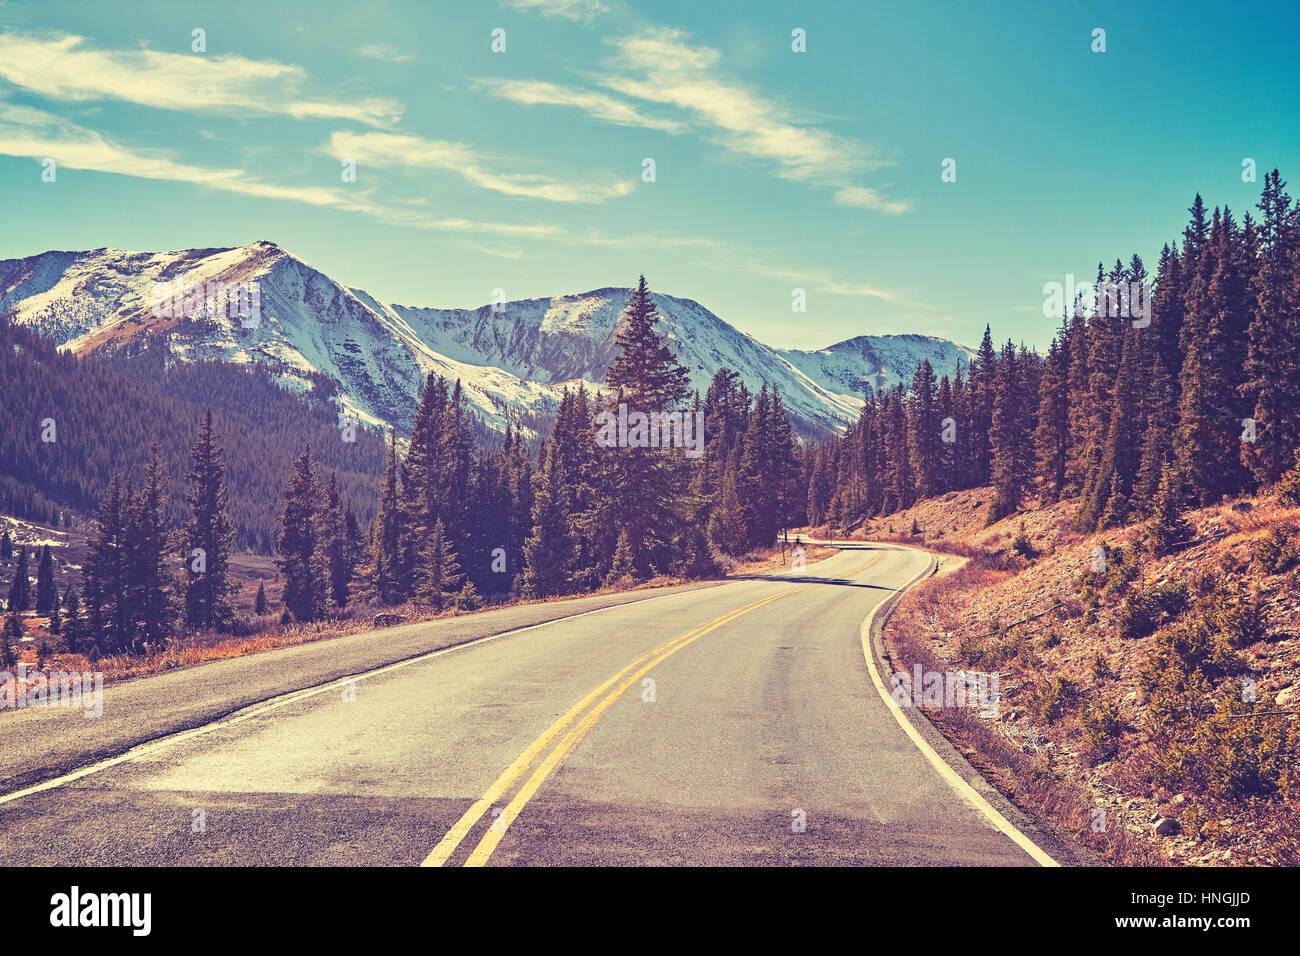 Tonos Retro Montañas Rocosas road, Colorado, Estados Unidos. Imagen De Stock